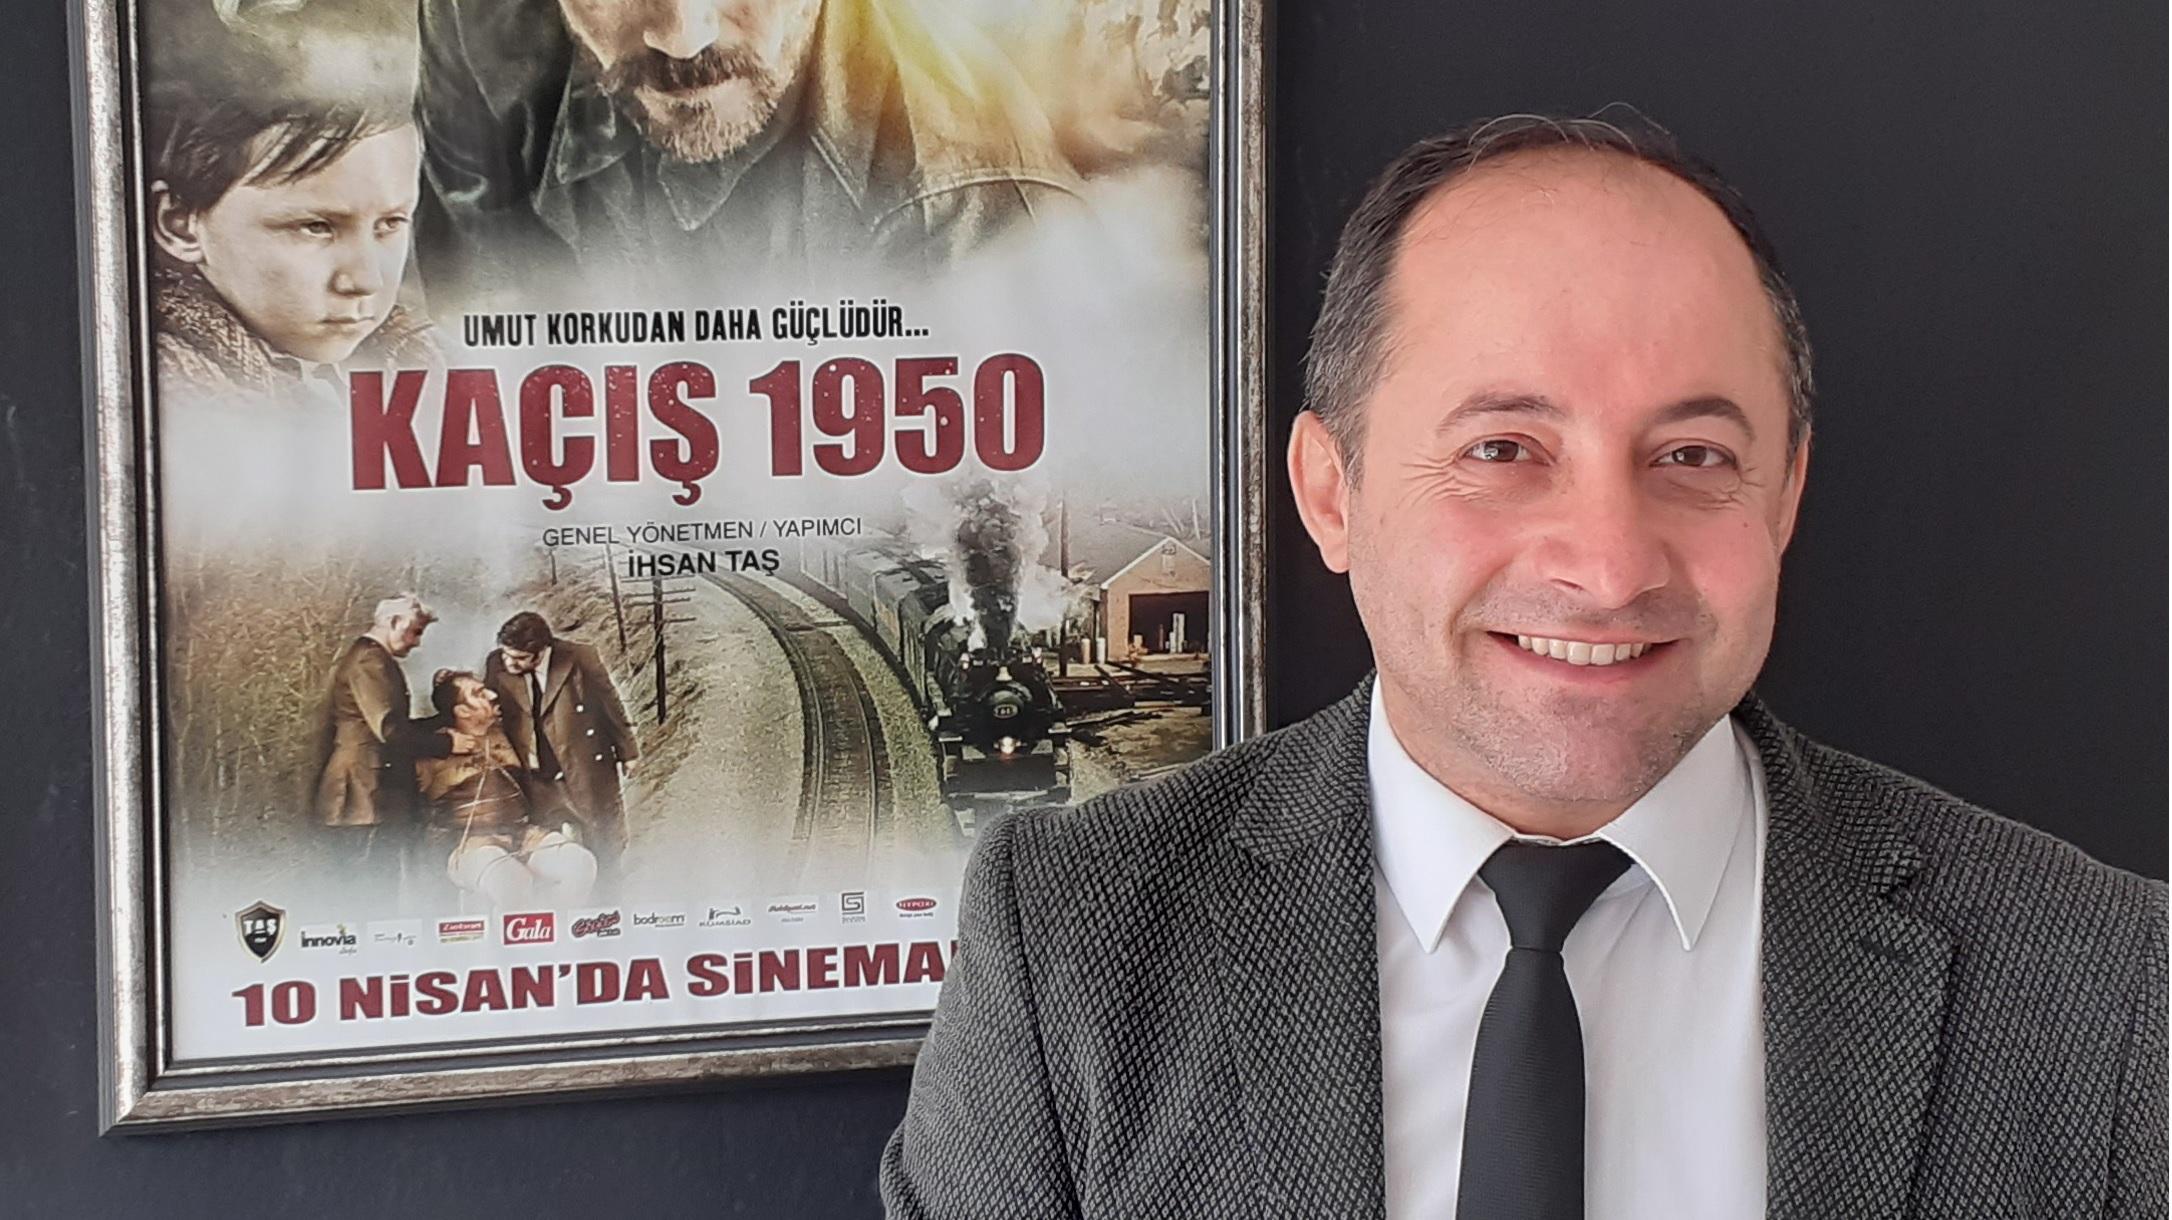 Kaçış 1950'' filmine 5 yıl gecikmeli ödül - Kültür Sanat - Manşet ...